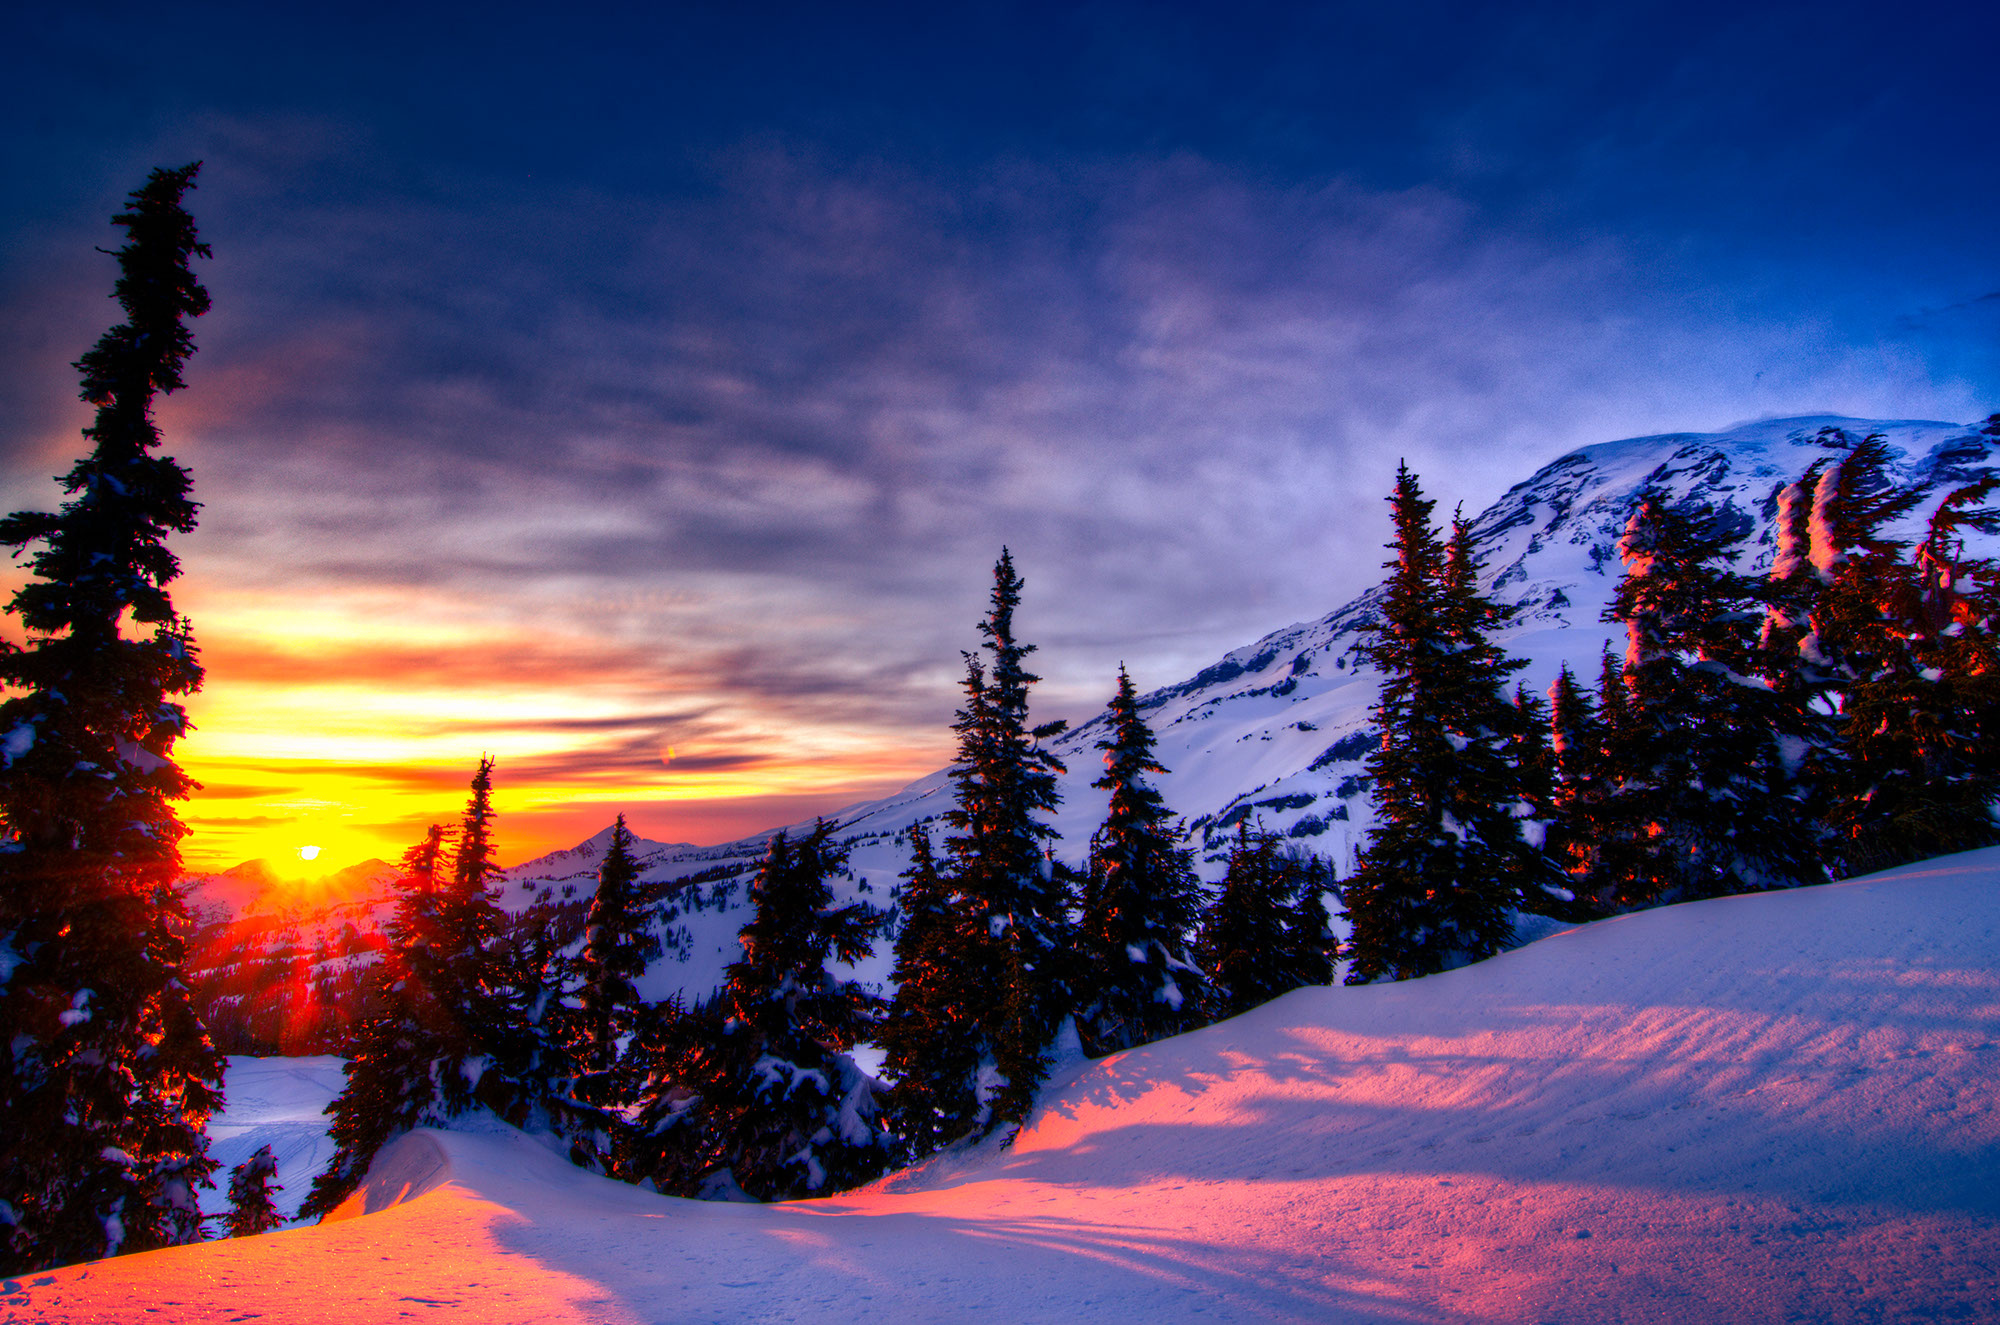 Sunset Winter Trees Mountains Landscape Wallpaper 2000x1325 228390 Wallpaperup